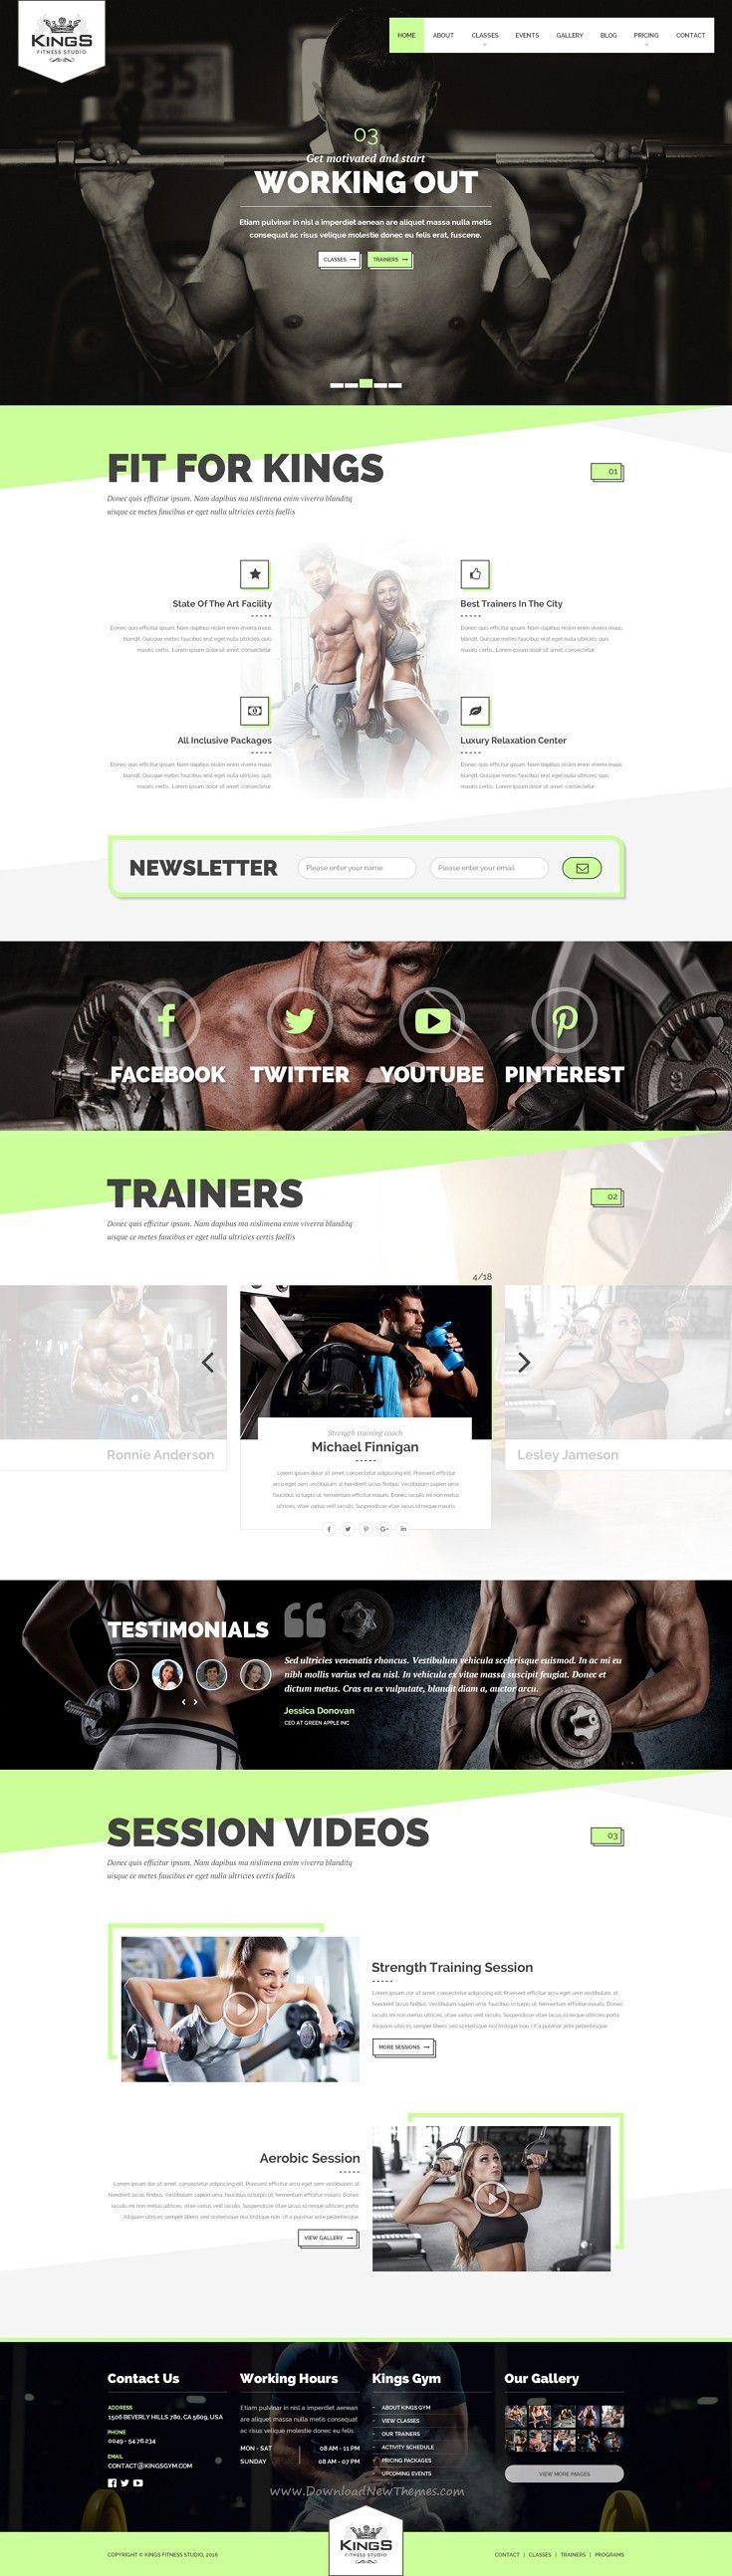 221 best Workout Website images on Pinterest | Website designs ...